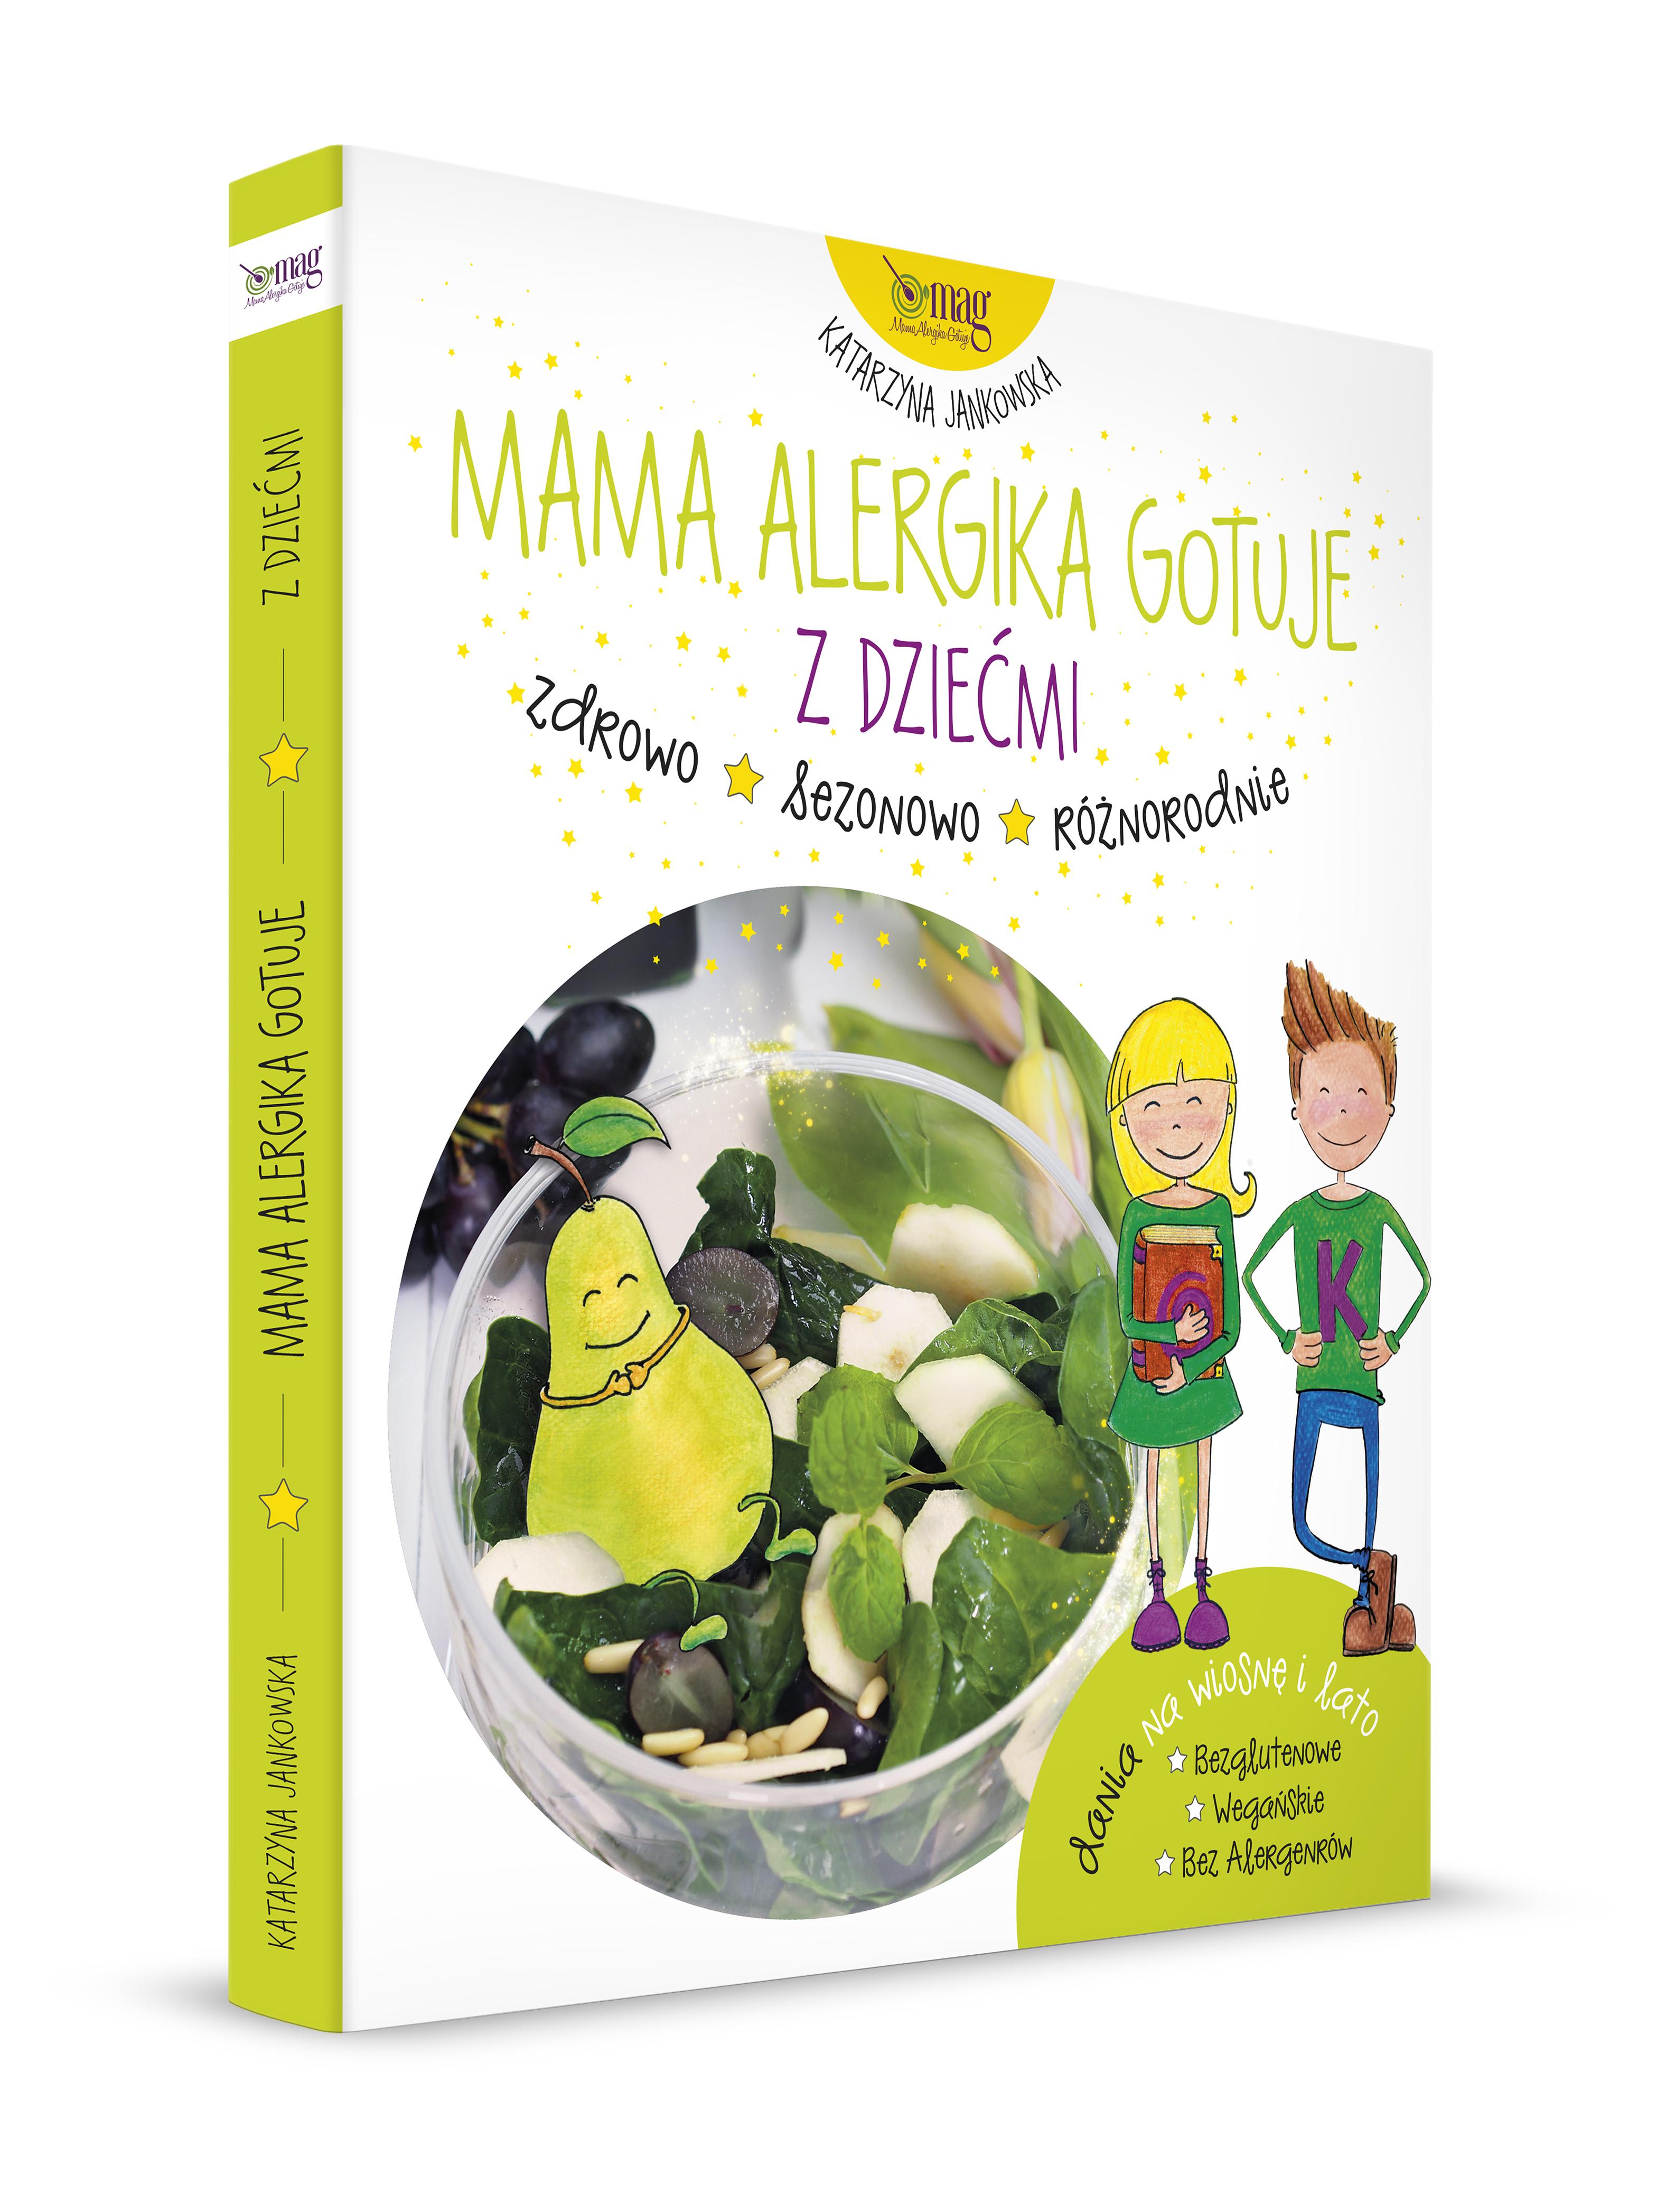 www.mamaalergikagotuje.pl-książka